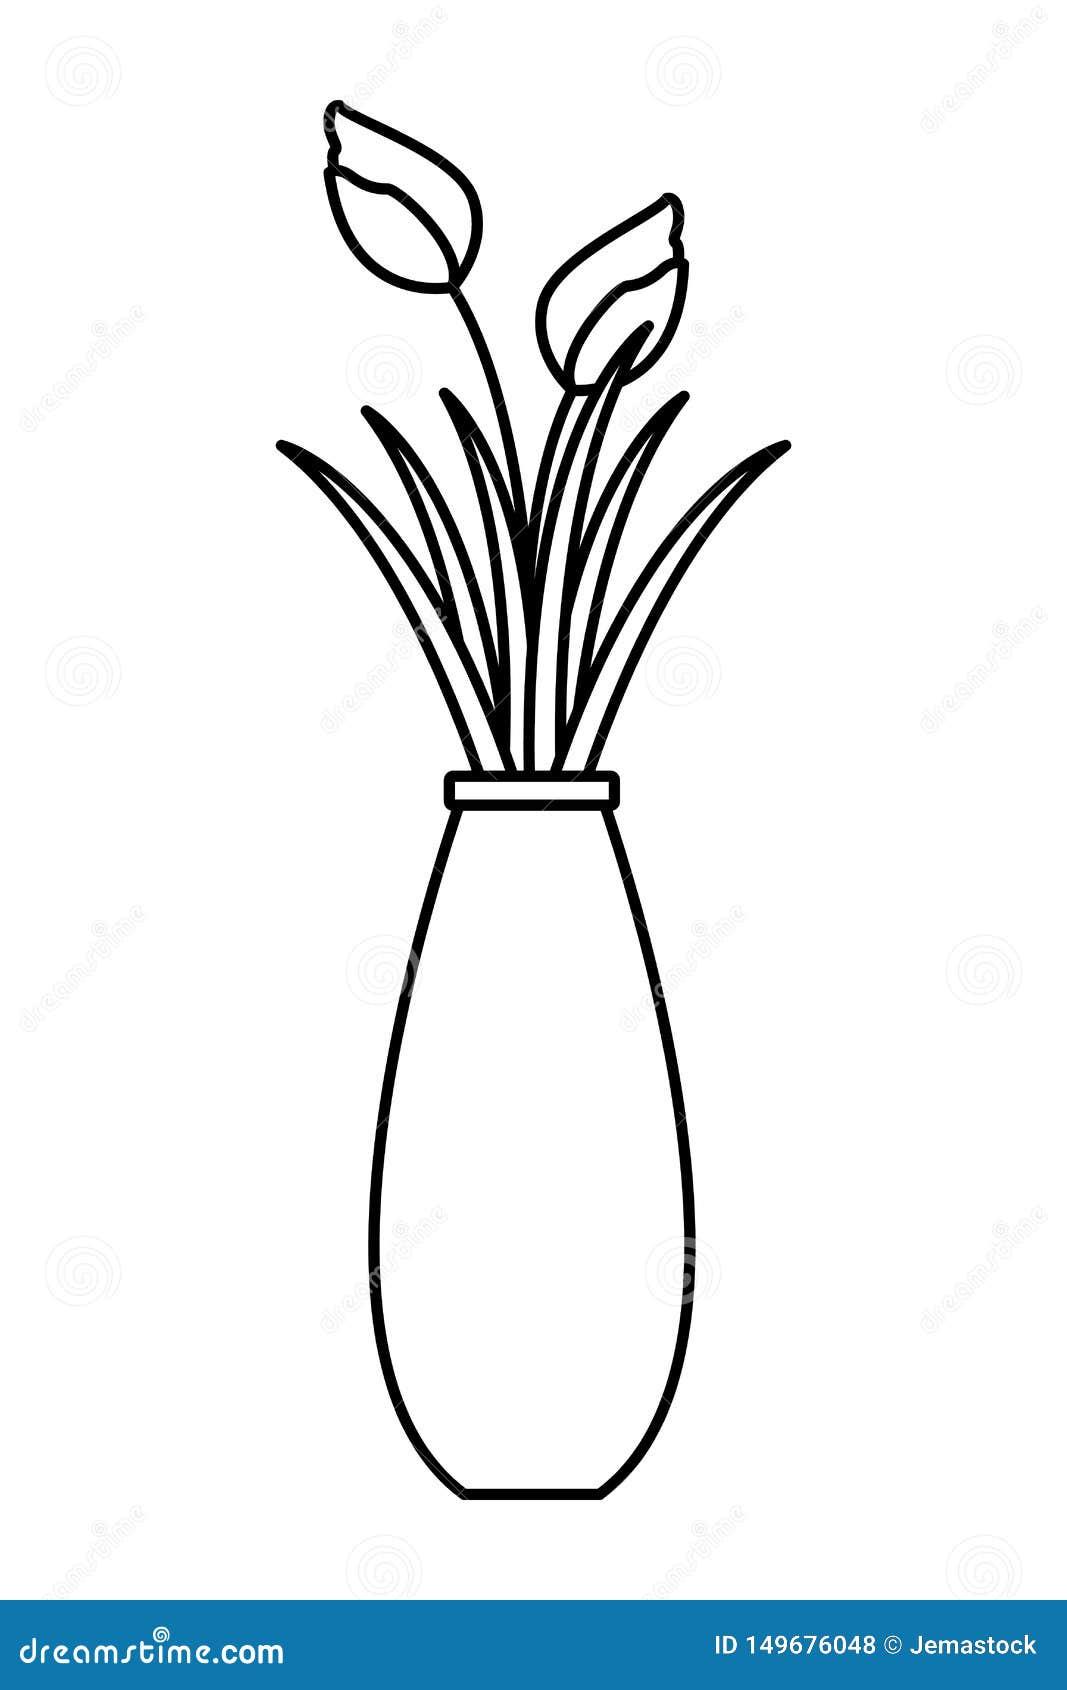 Flower Rose Vase Stock Illustrations 2 062 Flower Rose Vase Stock Illustrations Vectors Clipart Dreamstime